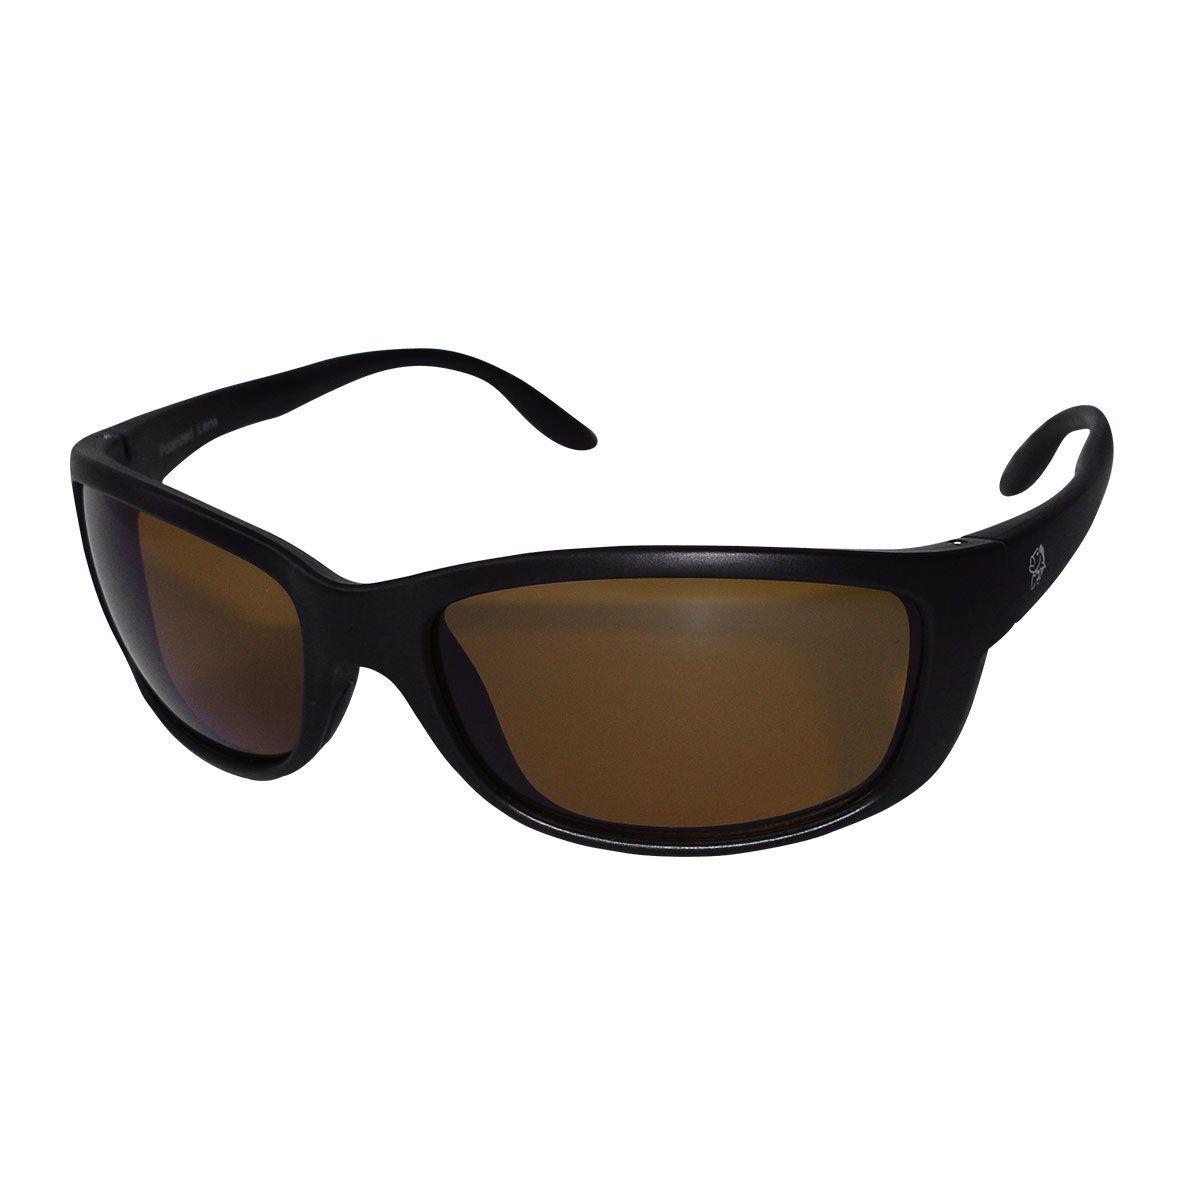 Óculos Pro-Tsuri Polarizado com lente TAC - Mako